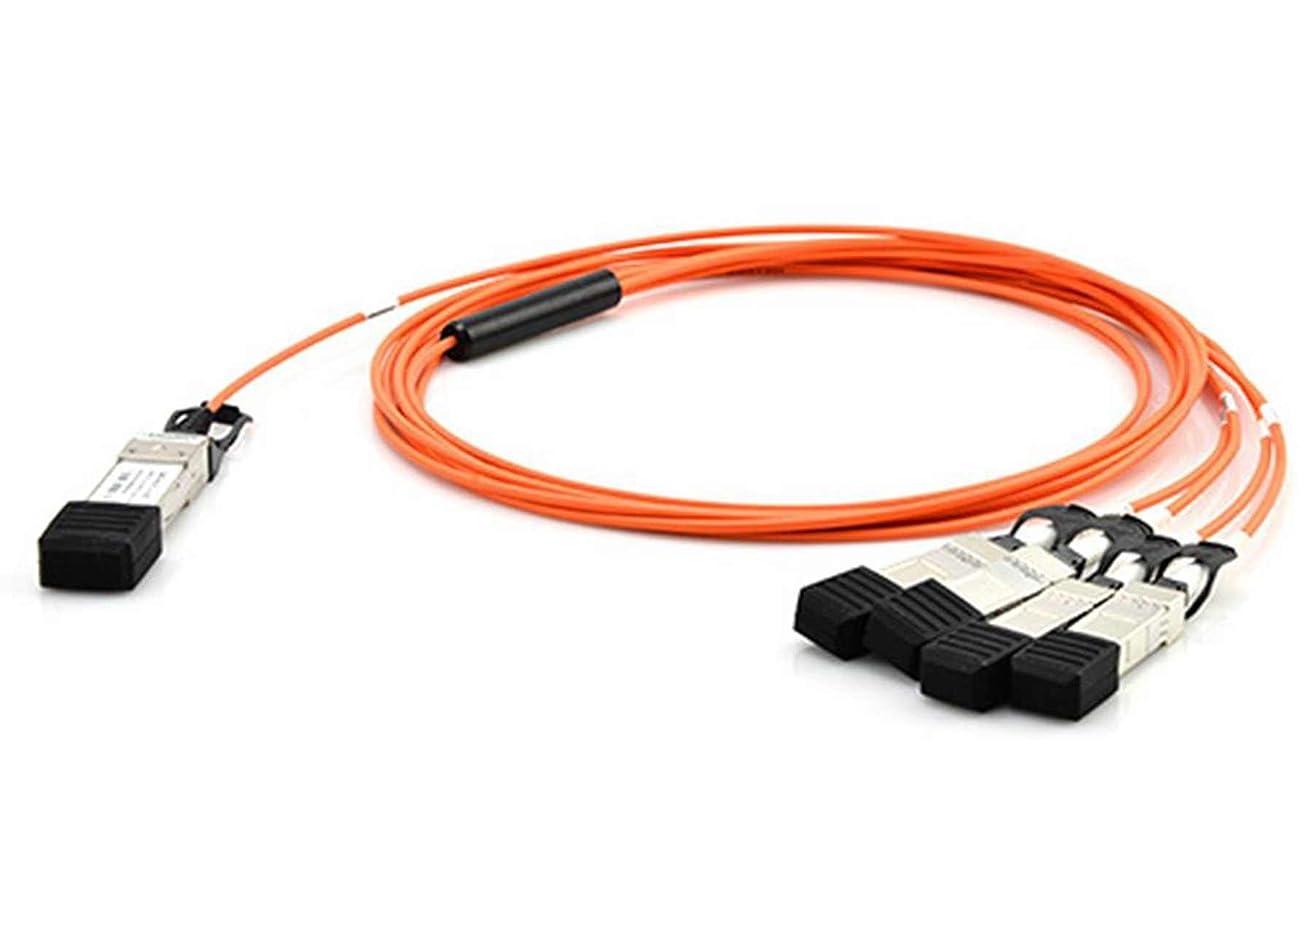 マークダウン箱こねるLODFIBER AFBR-7IER20Z Avago対応互換 20M 40GBASE QSFP+ と 4 SFP+ AOCアクティブ光ファイバケーブル